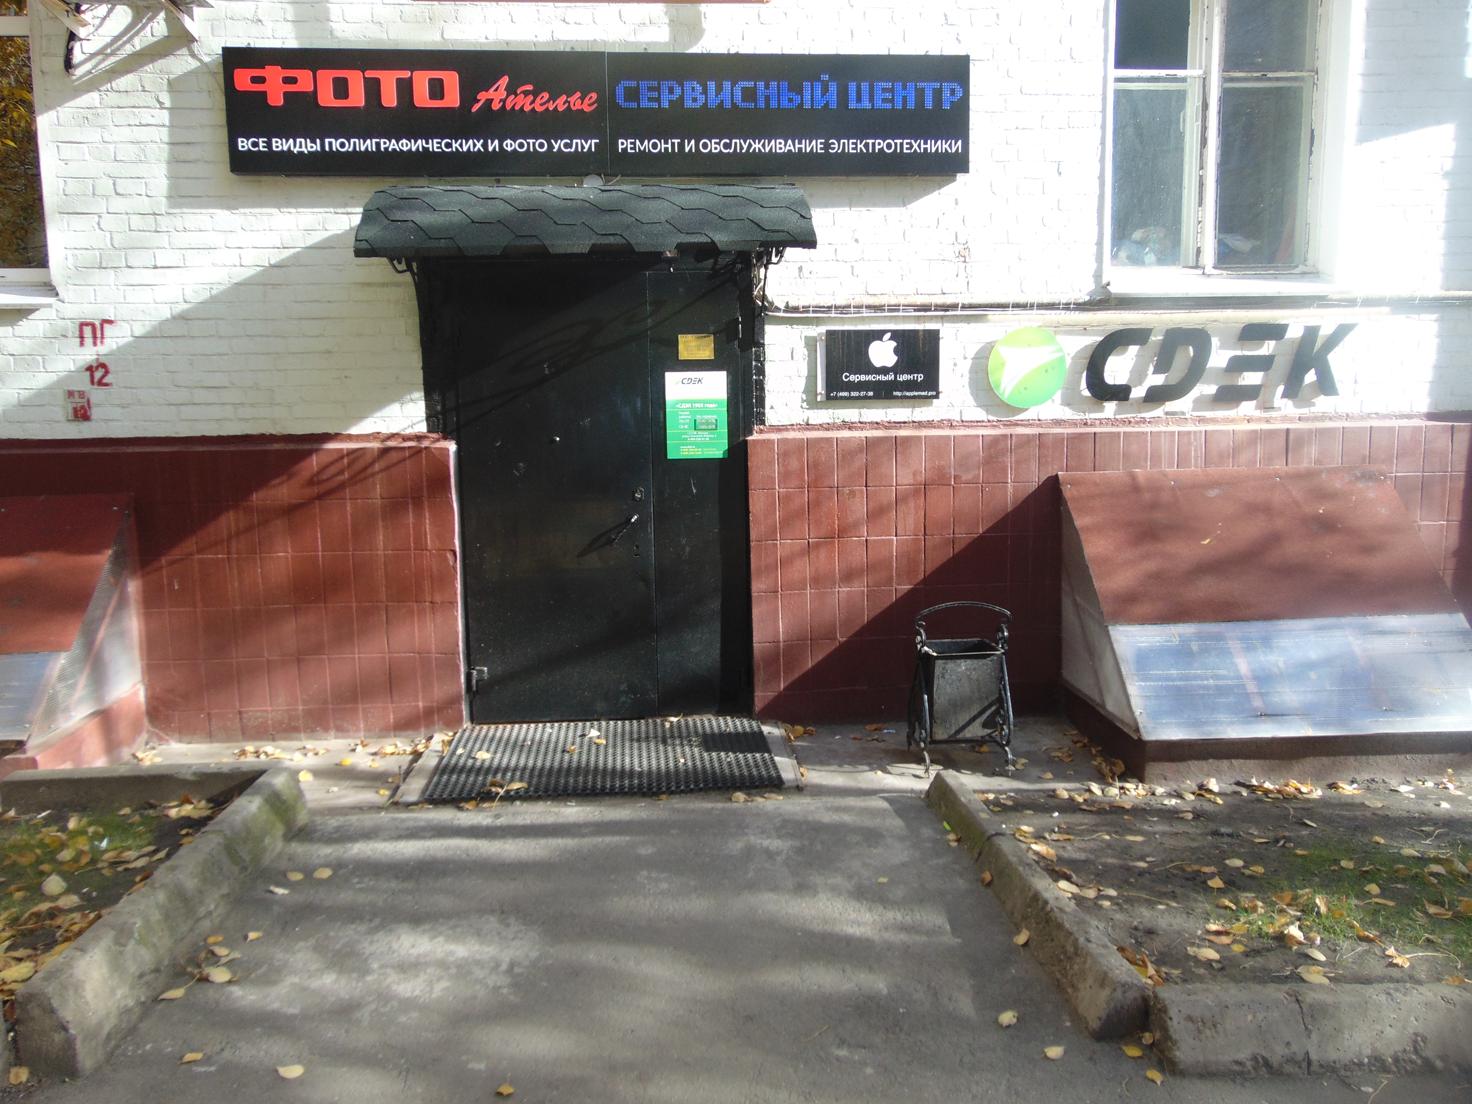 Вход в Сервисный Центр с улицы Анны Северьяновой (цокольный этаж).